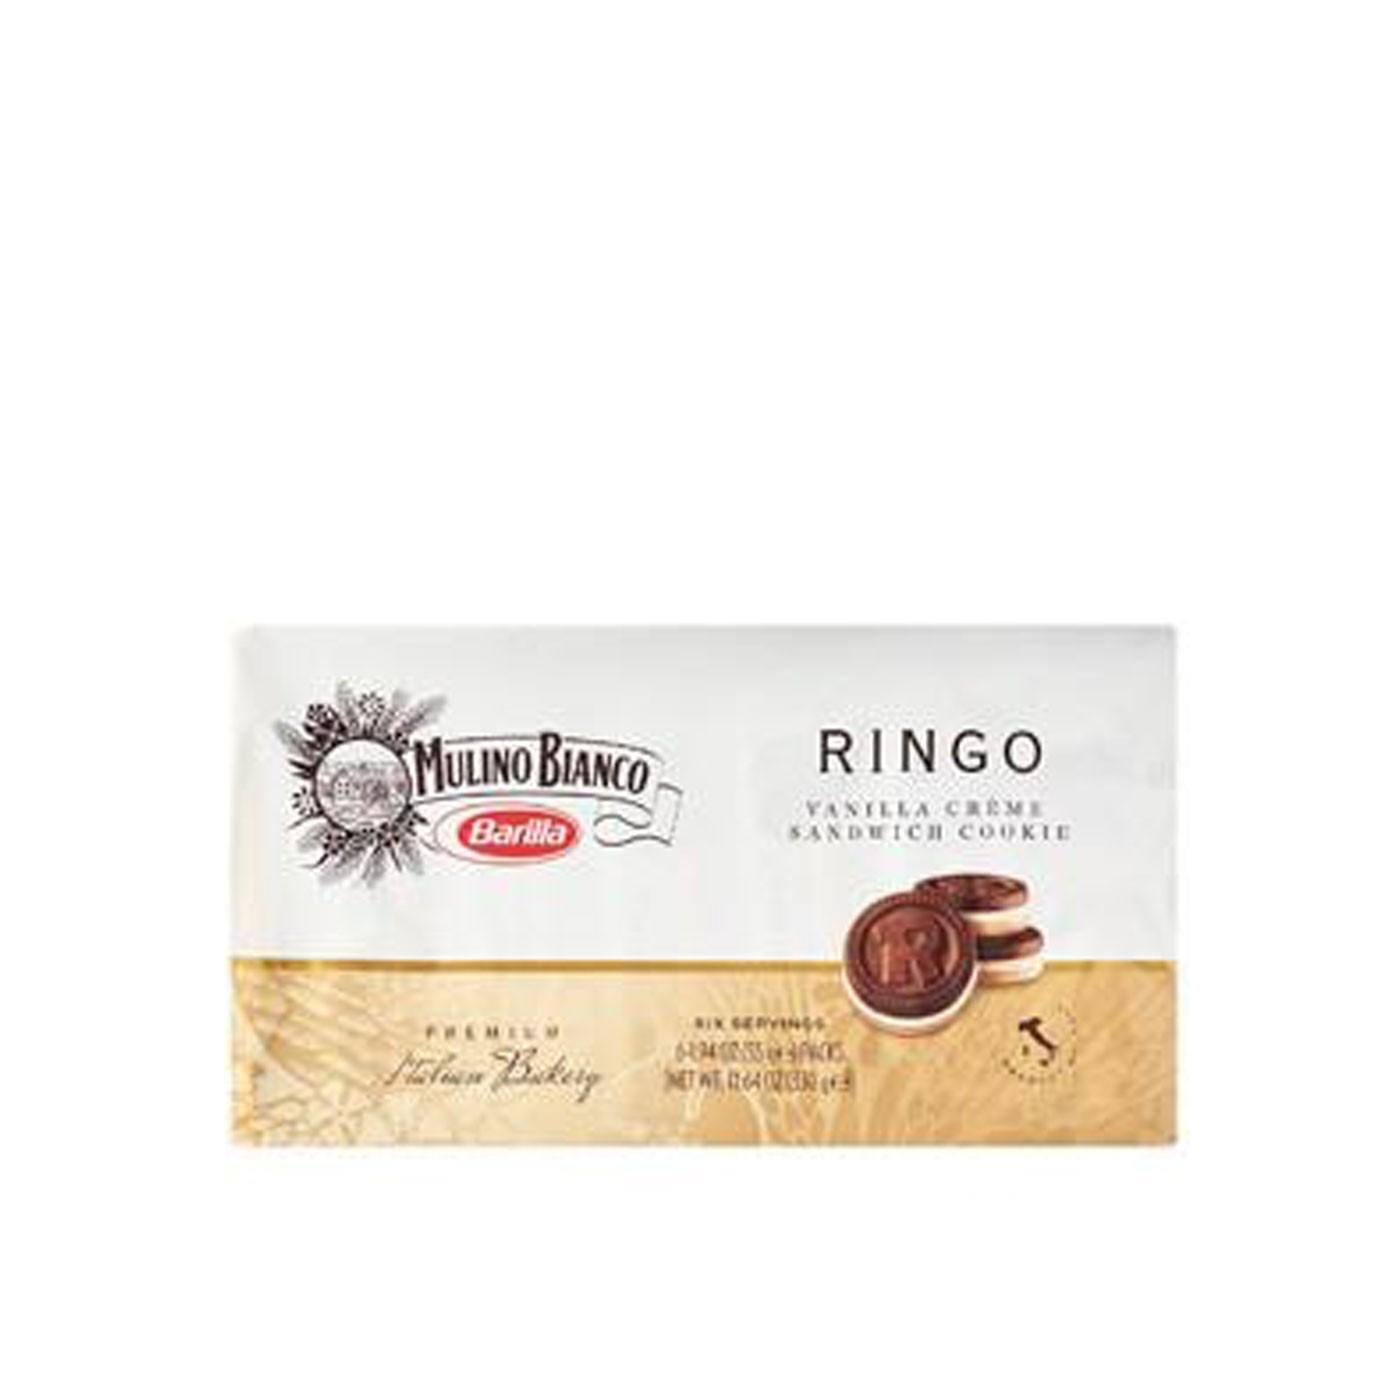 Ringo Cookies 11 oz